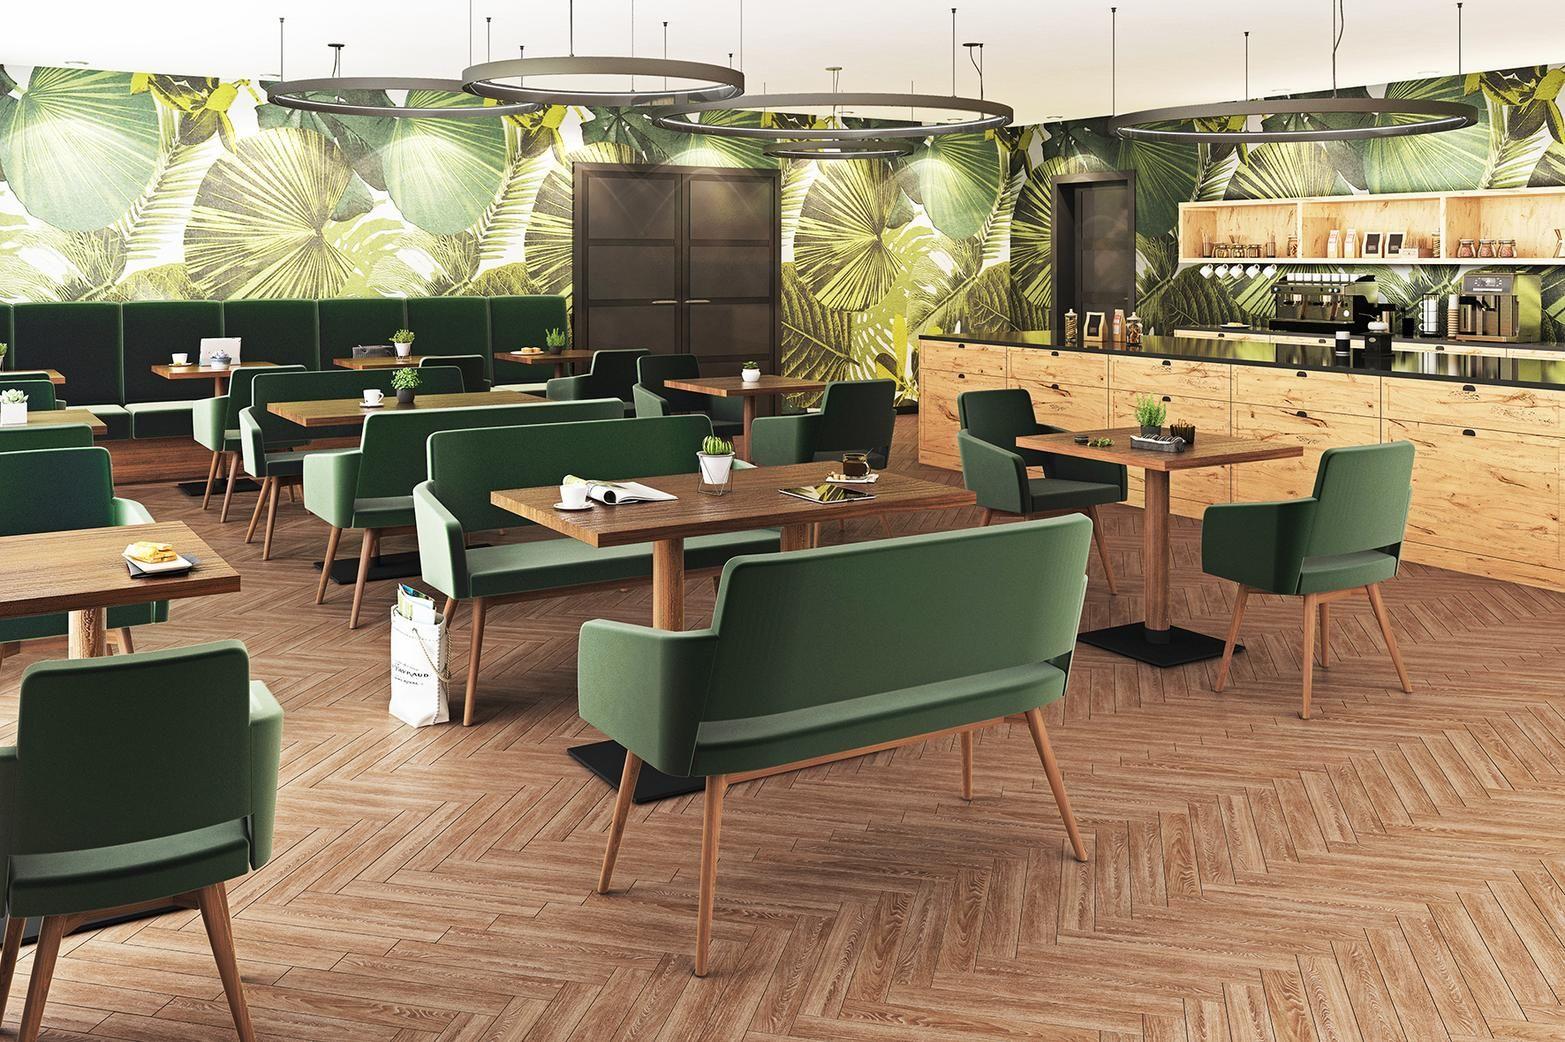 Hotel Einrichtung   Frühstücksraum   Gastronomie möbel, Haus interieurs, Möbel